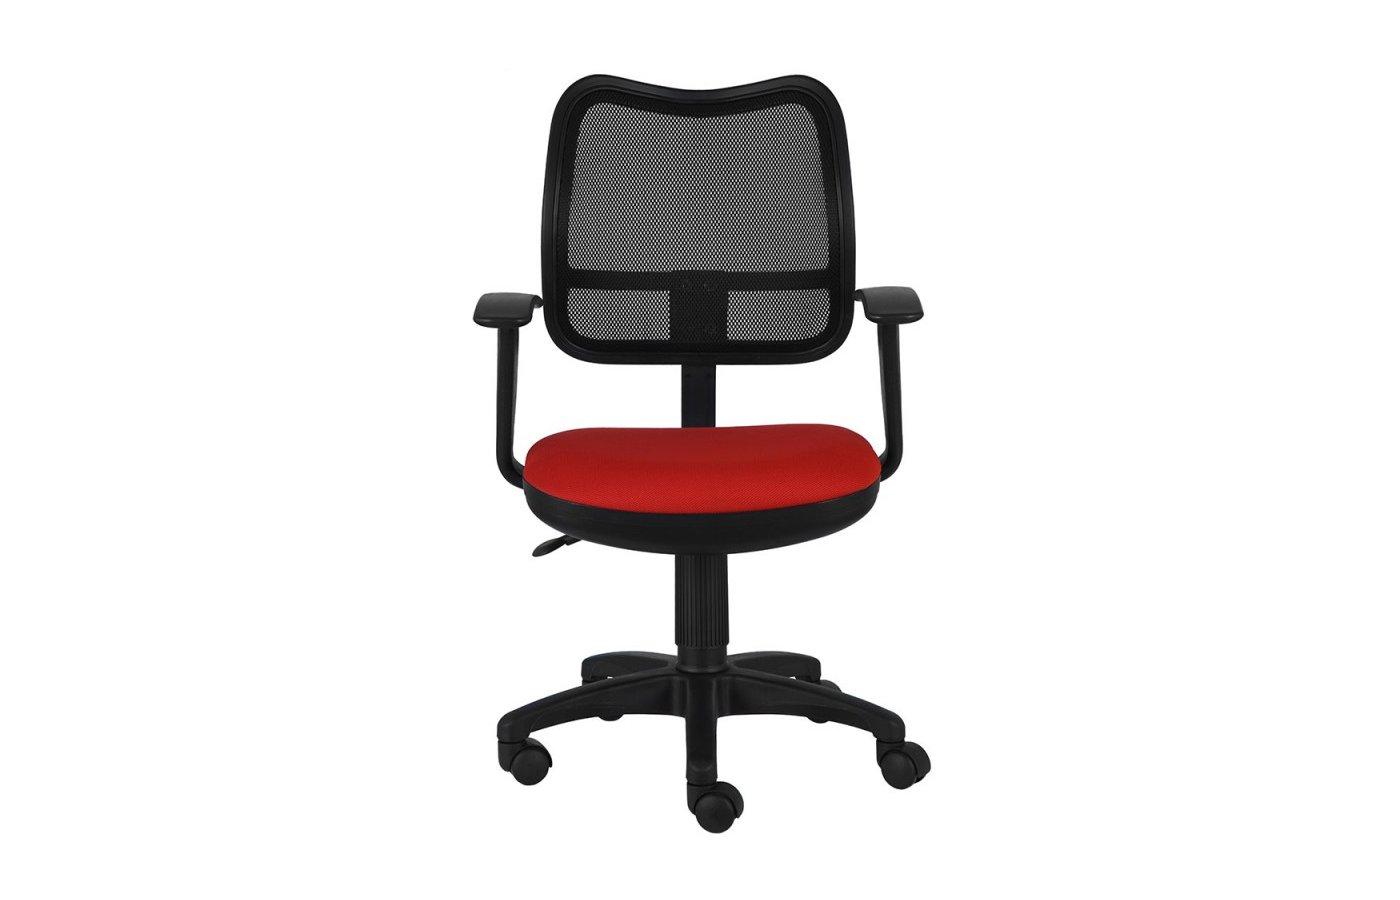 Бюрократ CH-797AXSN/26-22 спинка сетка черный сиденье красный 26-22 подлокотники T-образные